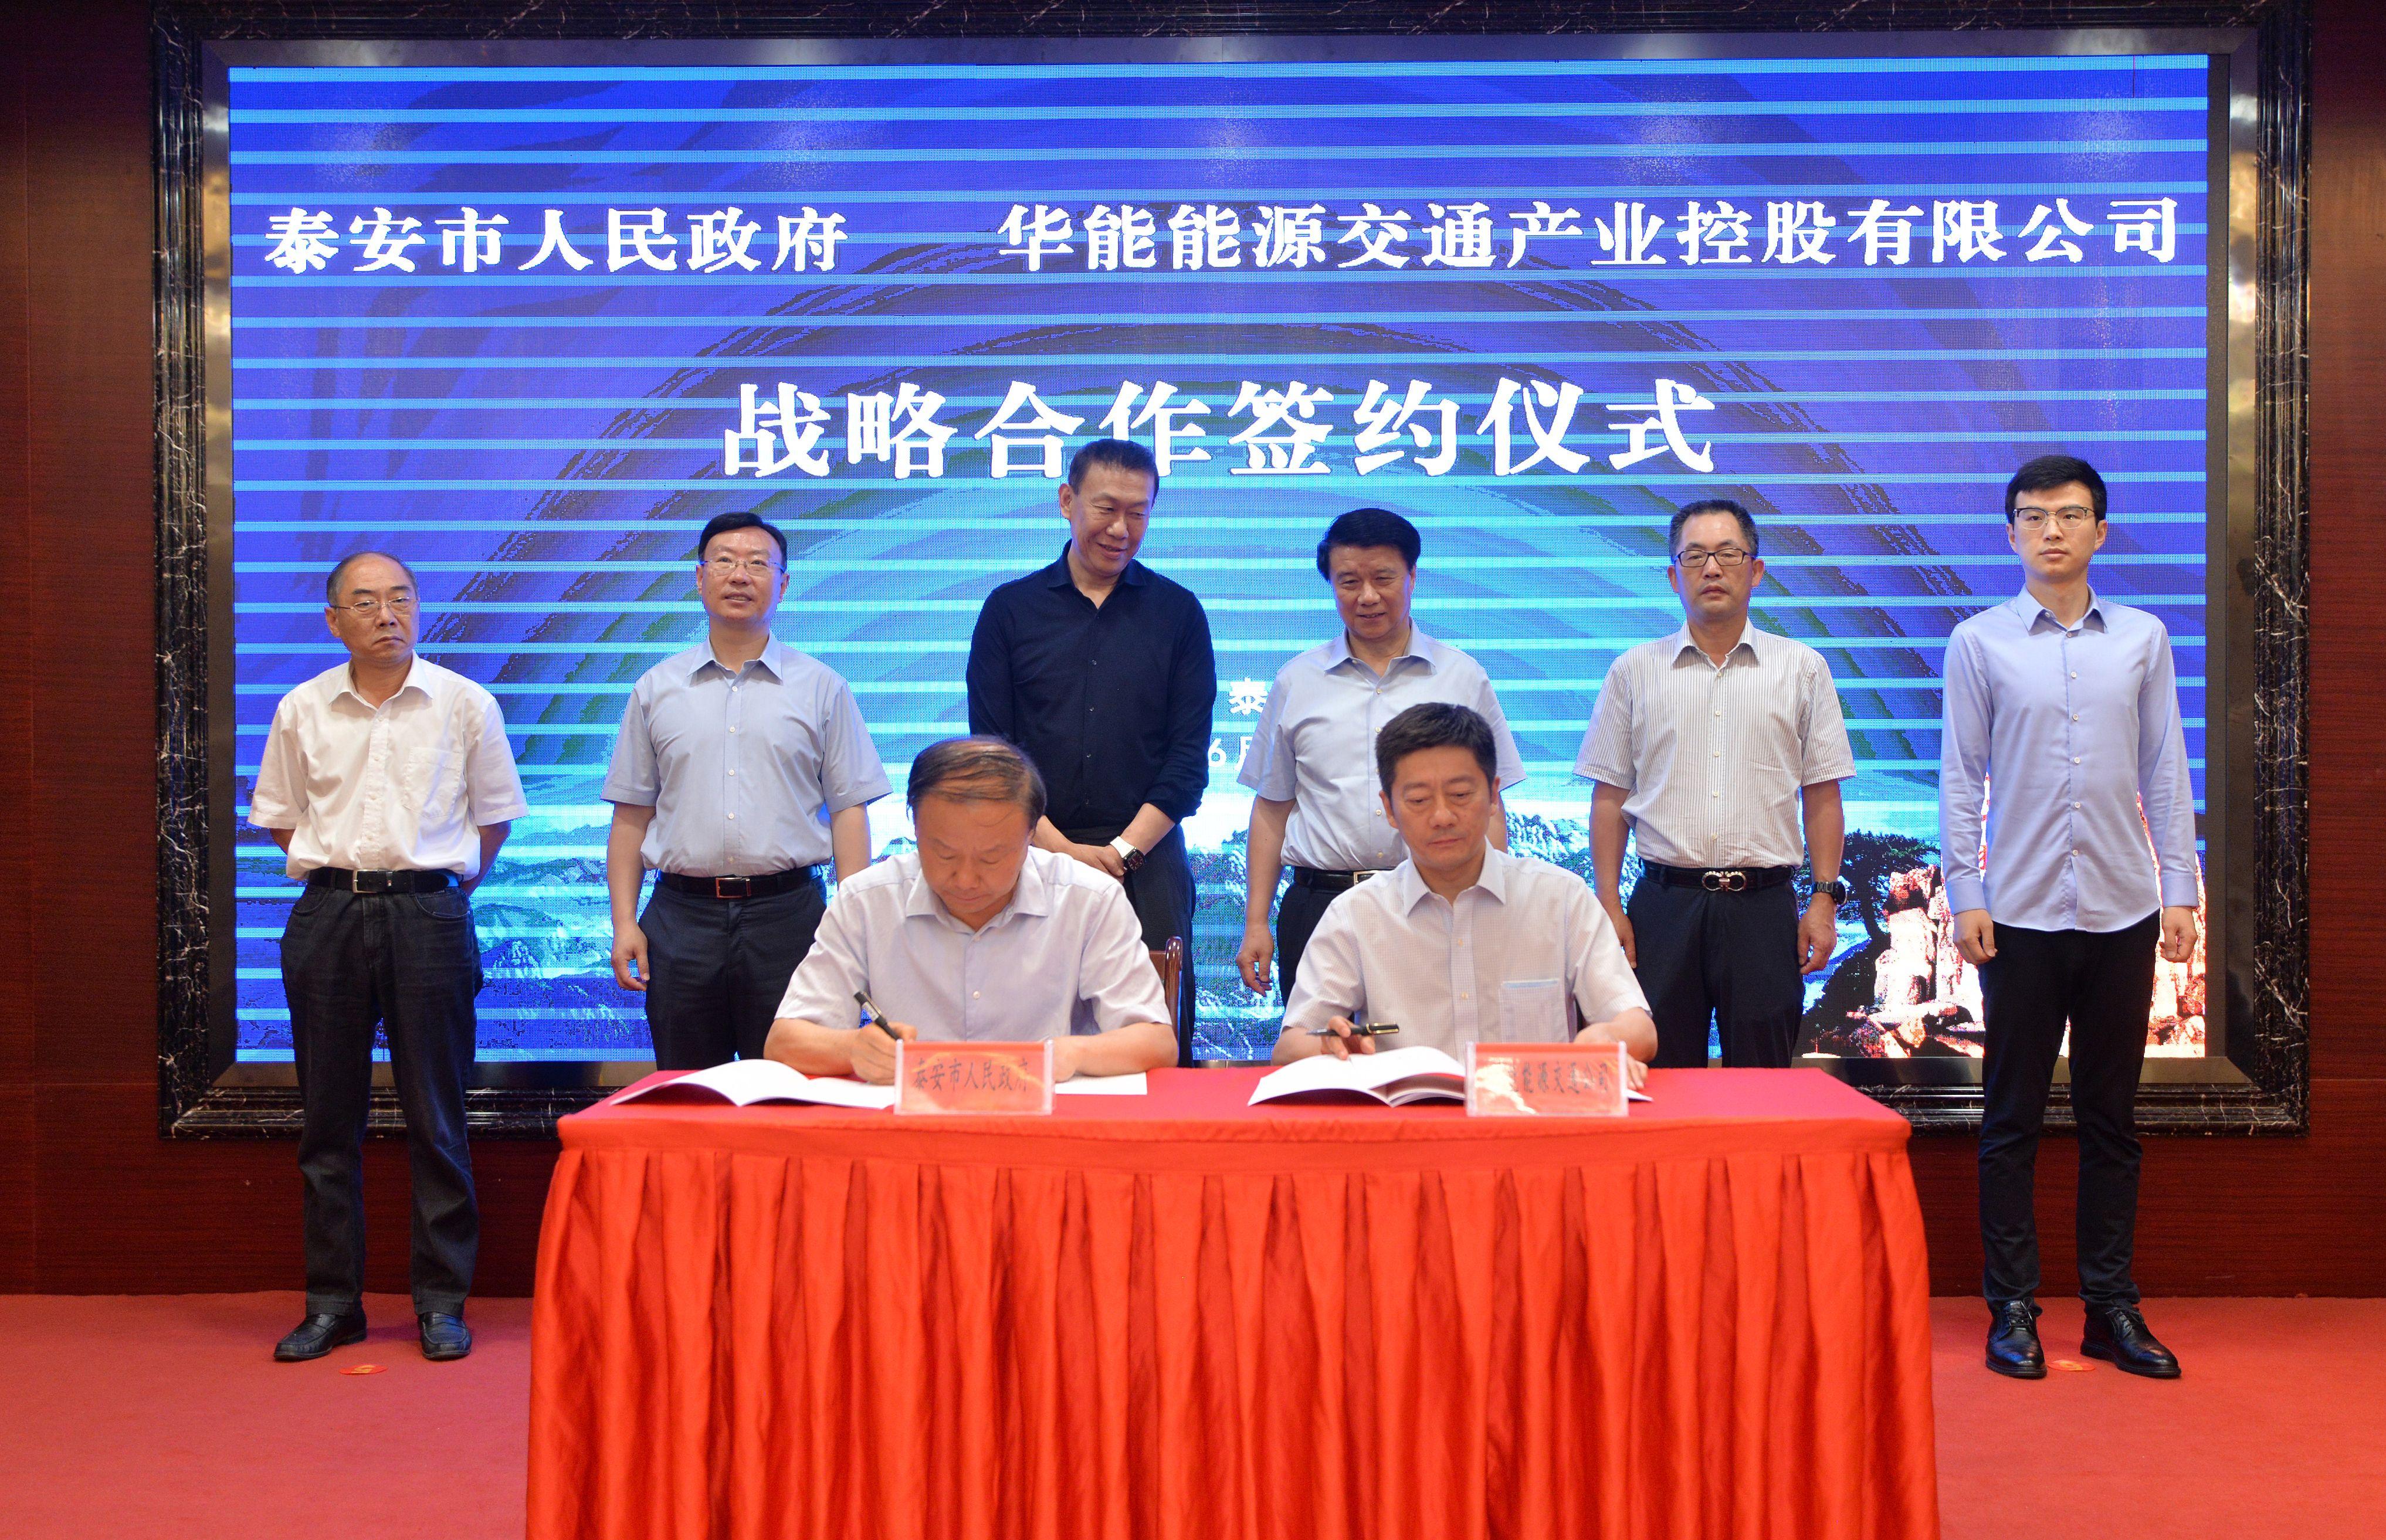 華能能源交通公司與泰安市政府簽署戰略合作協議